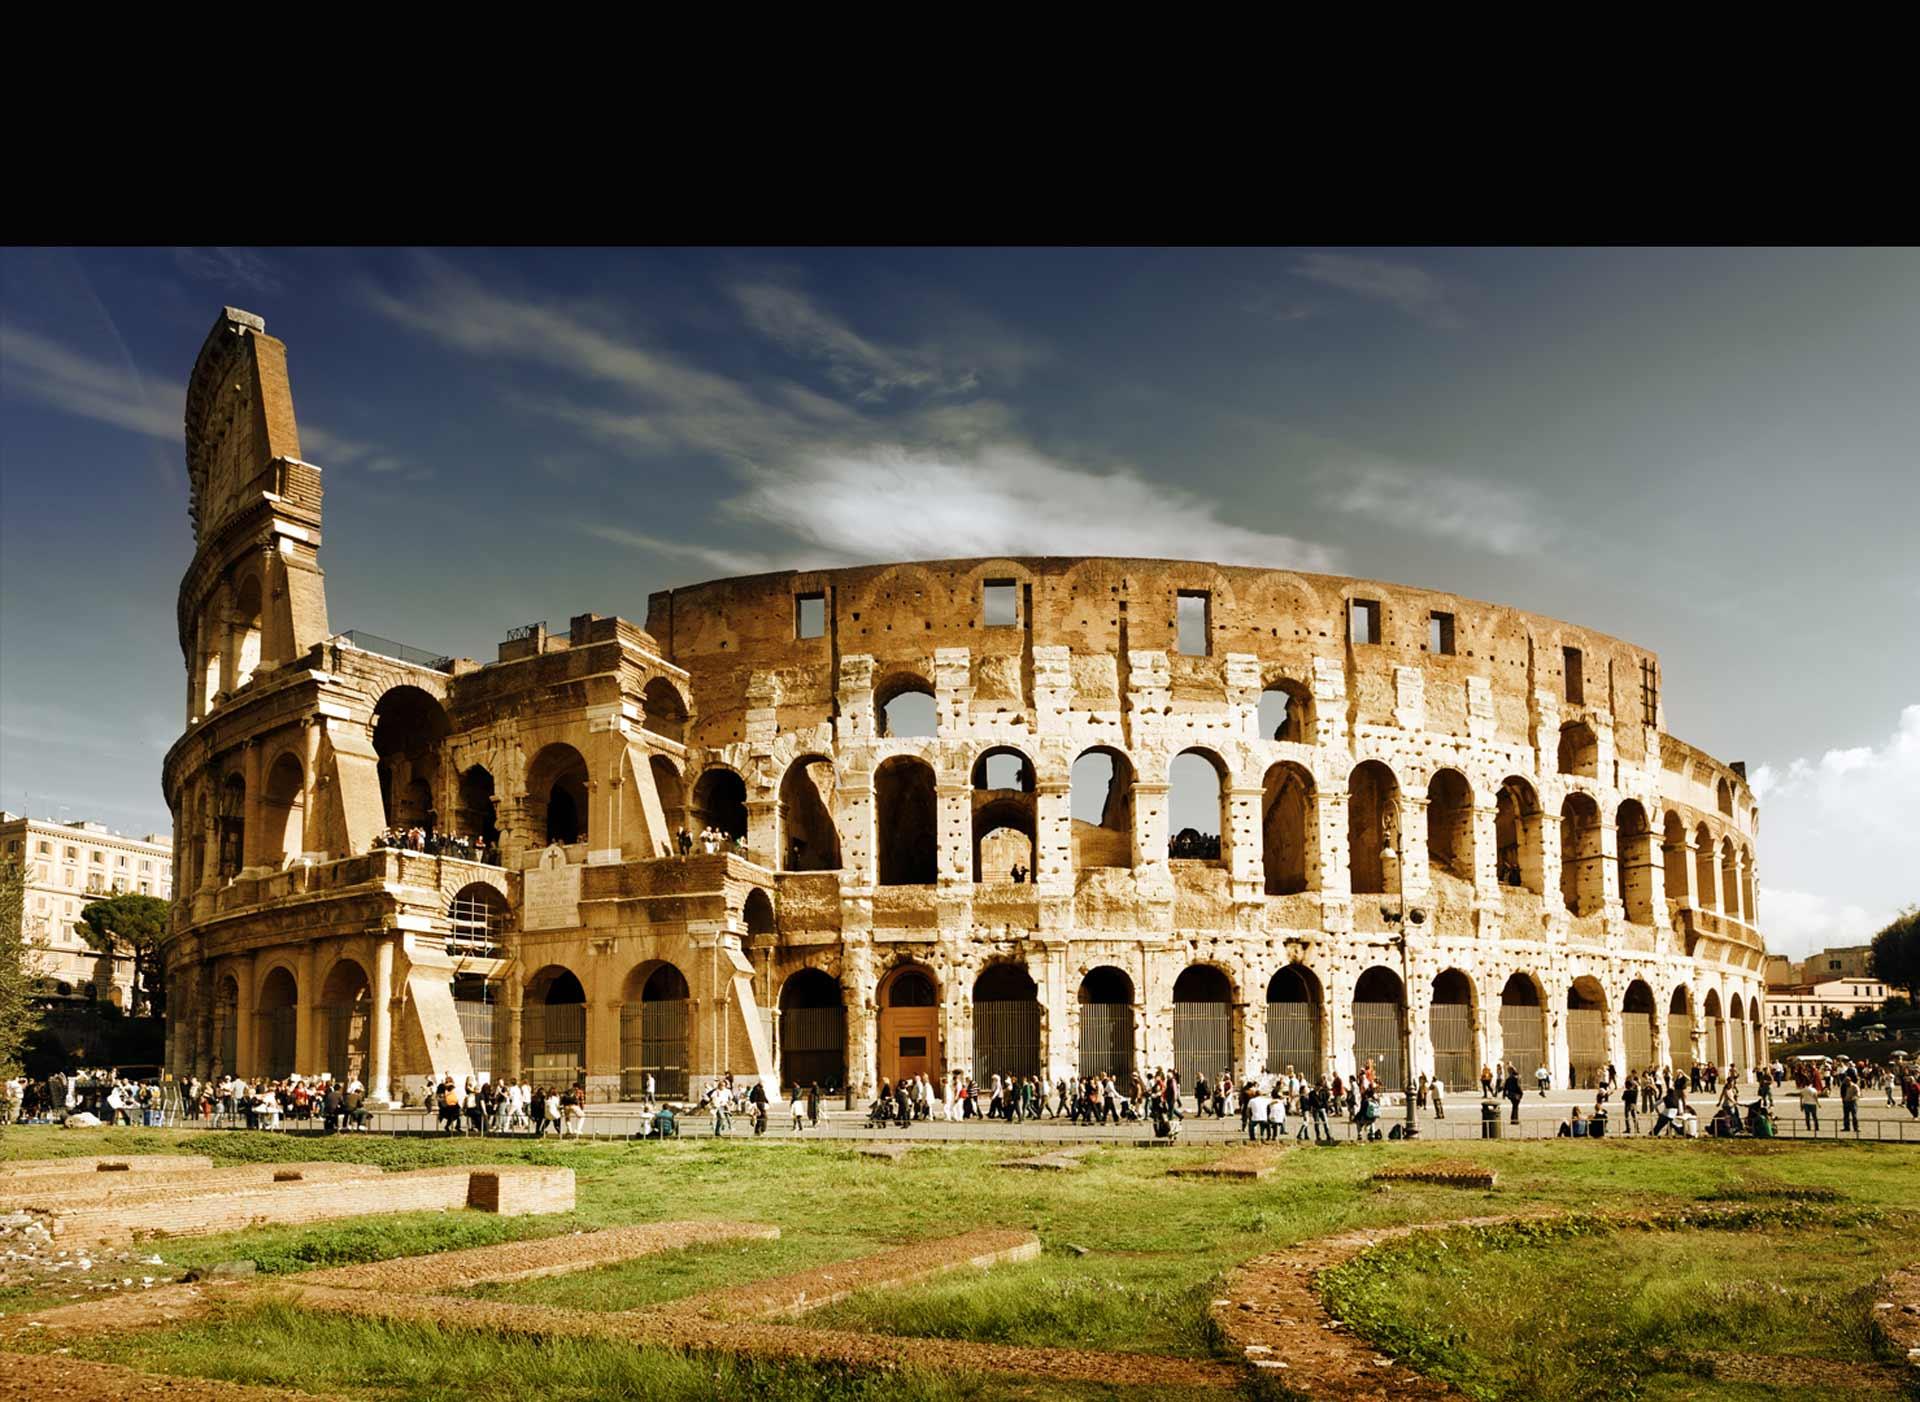 Prohibieron disfraces de legionarios y centuriones que muchos utilizaban para ganar dinero con fotos turísticas en Roma